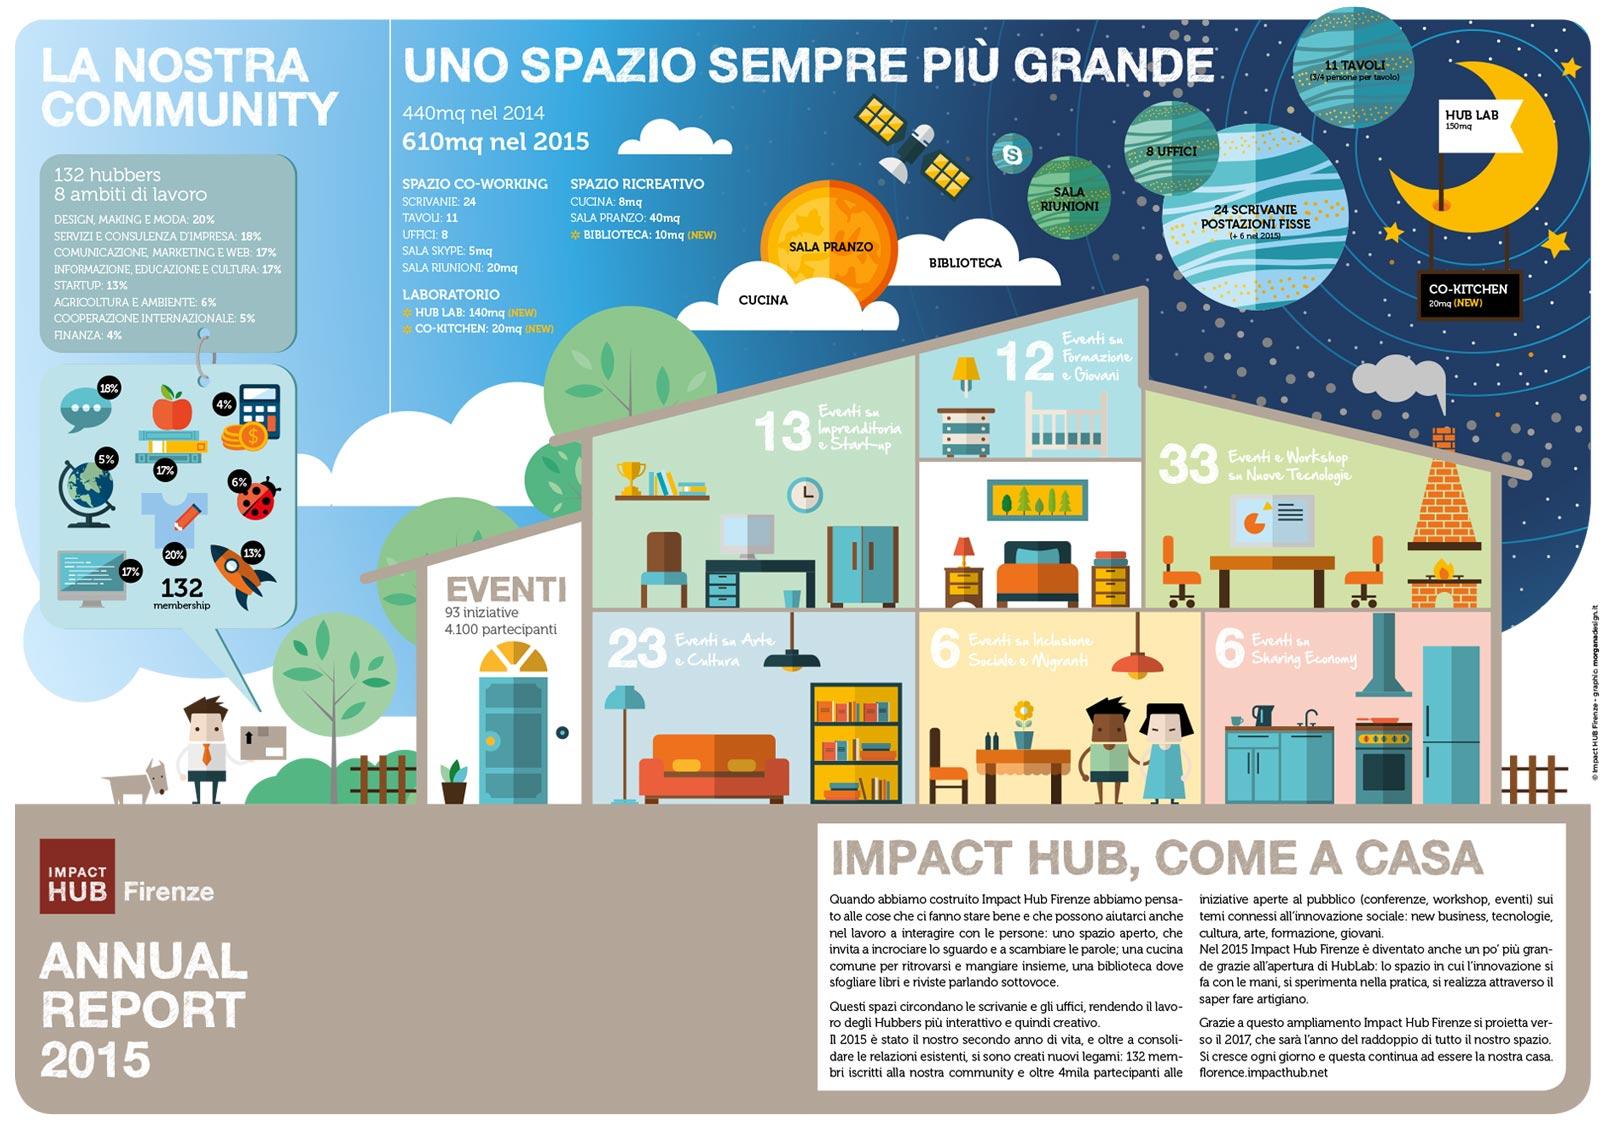 bilancio-sociale-impact-hub-interno